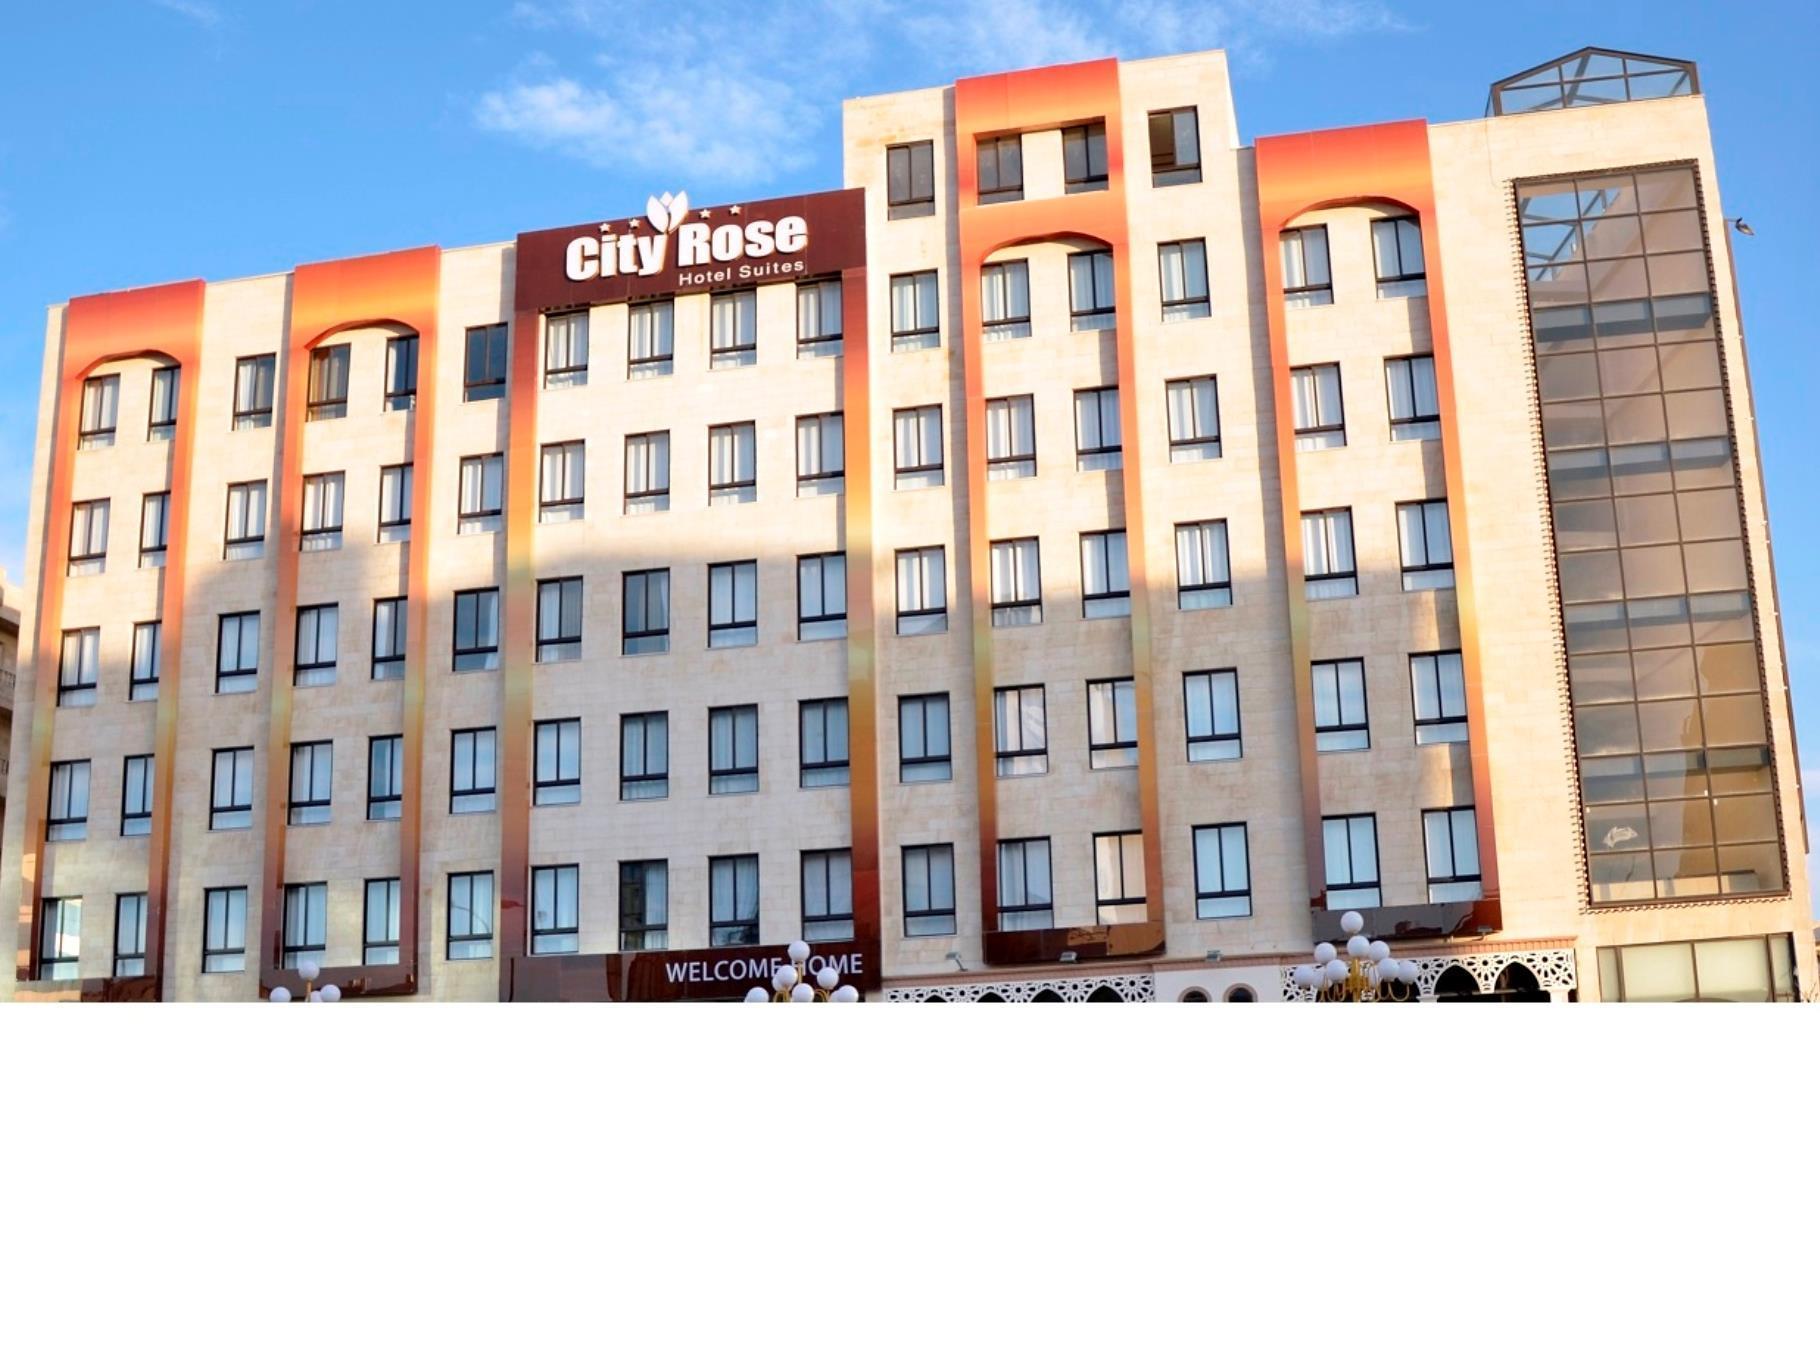 City Rose Hotel Suites